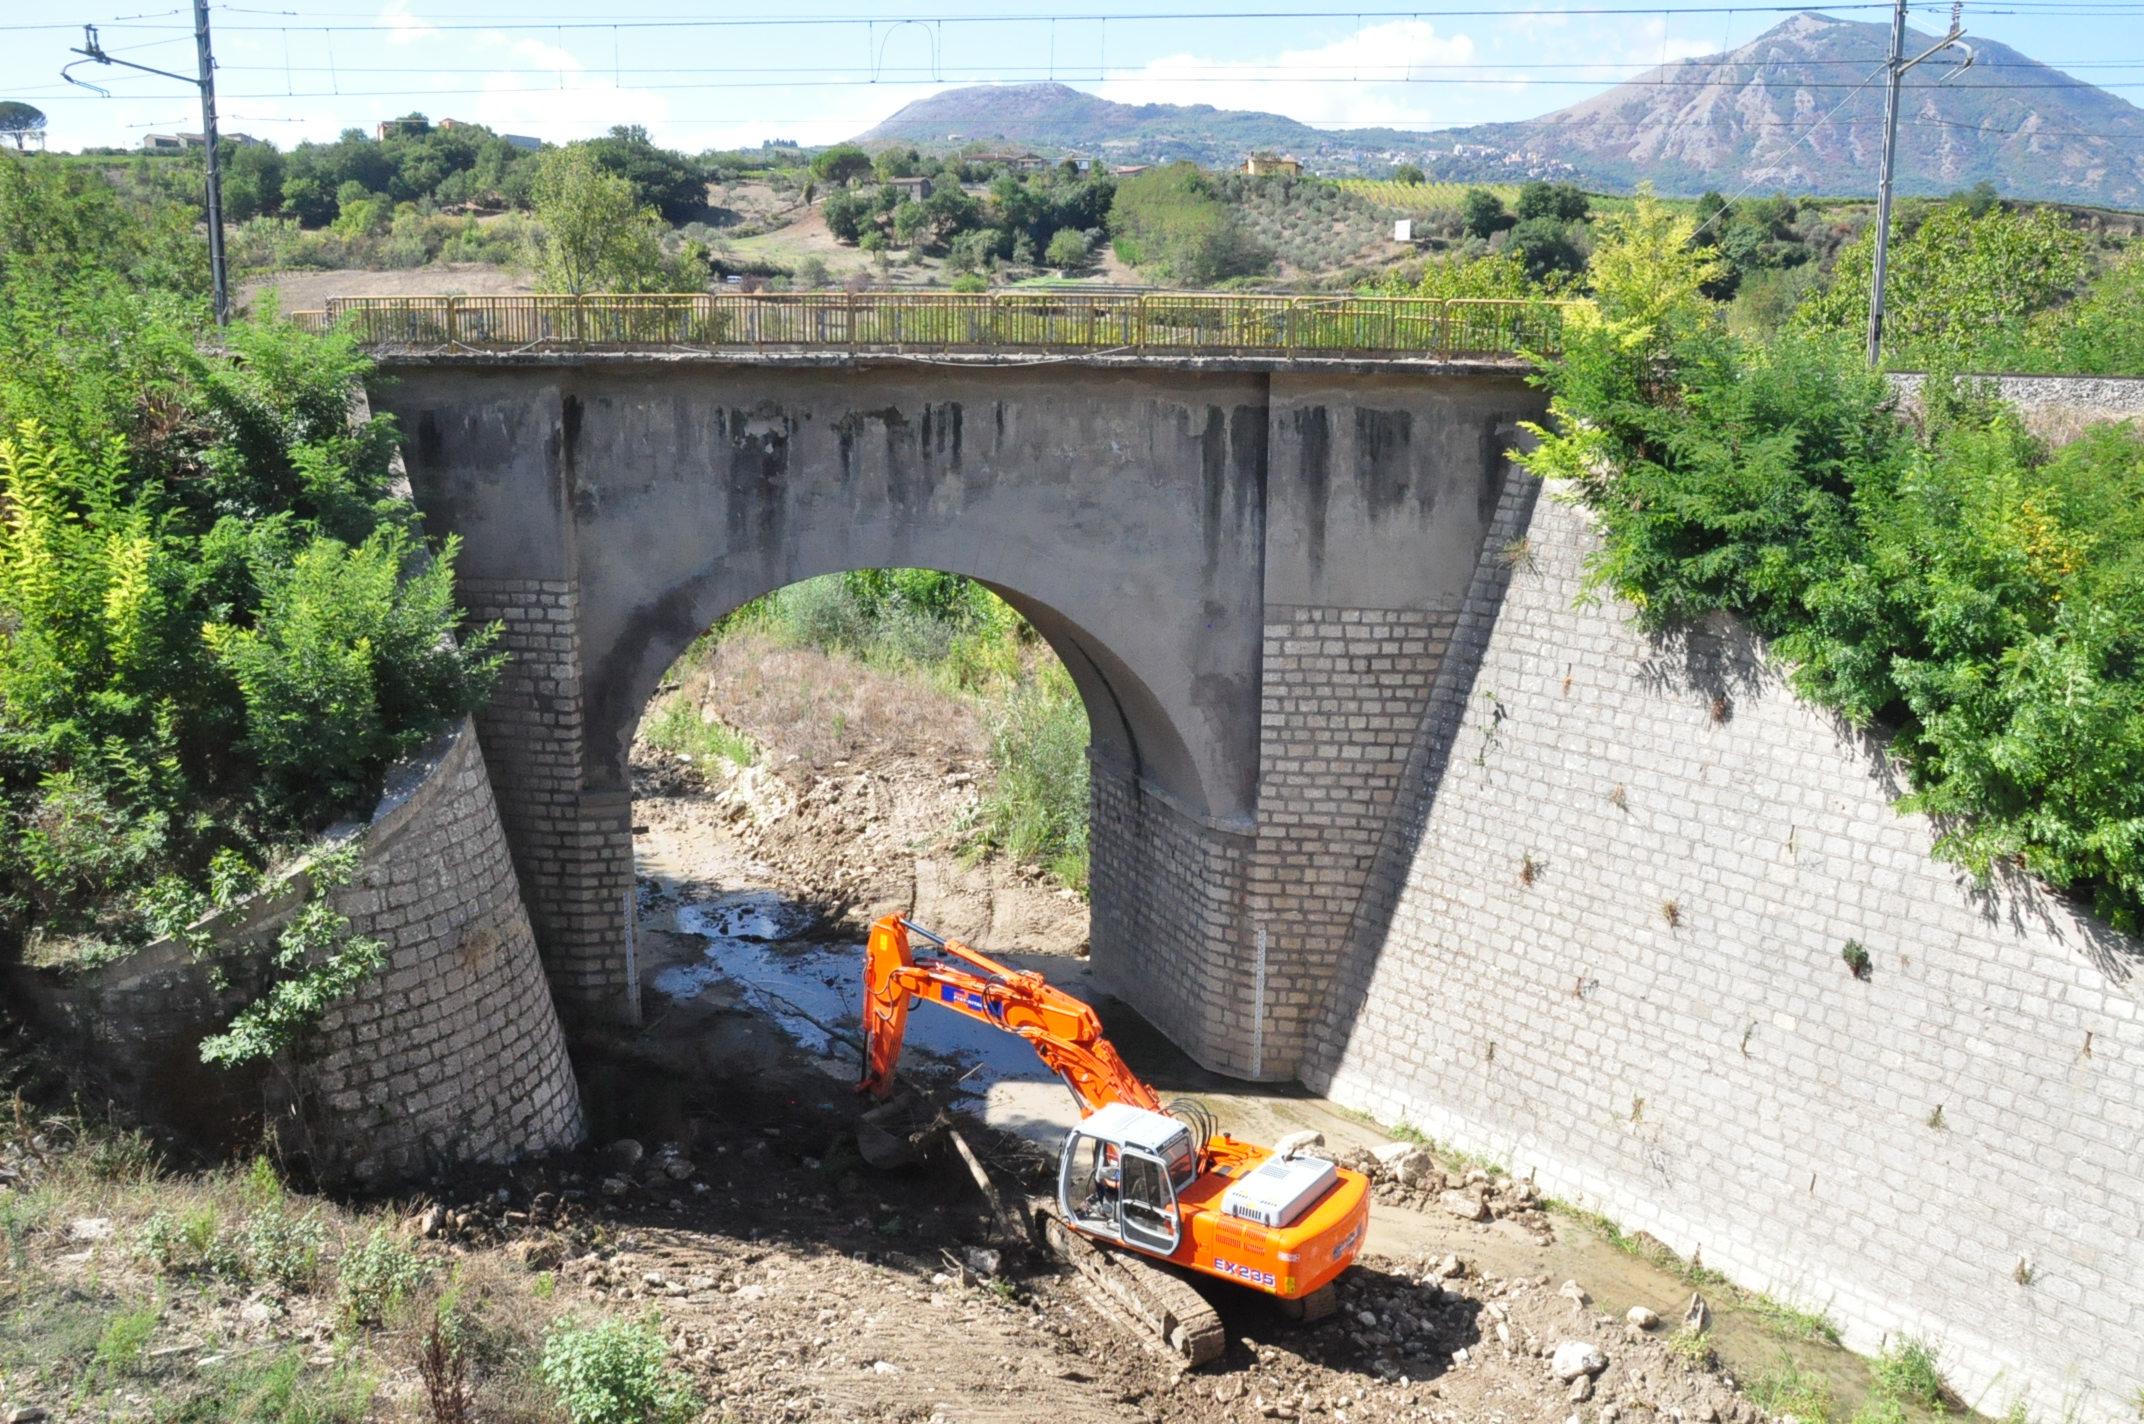 Riaperta nei due sensi di marcia la provinciale 106 al ponte Raventa